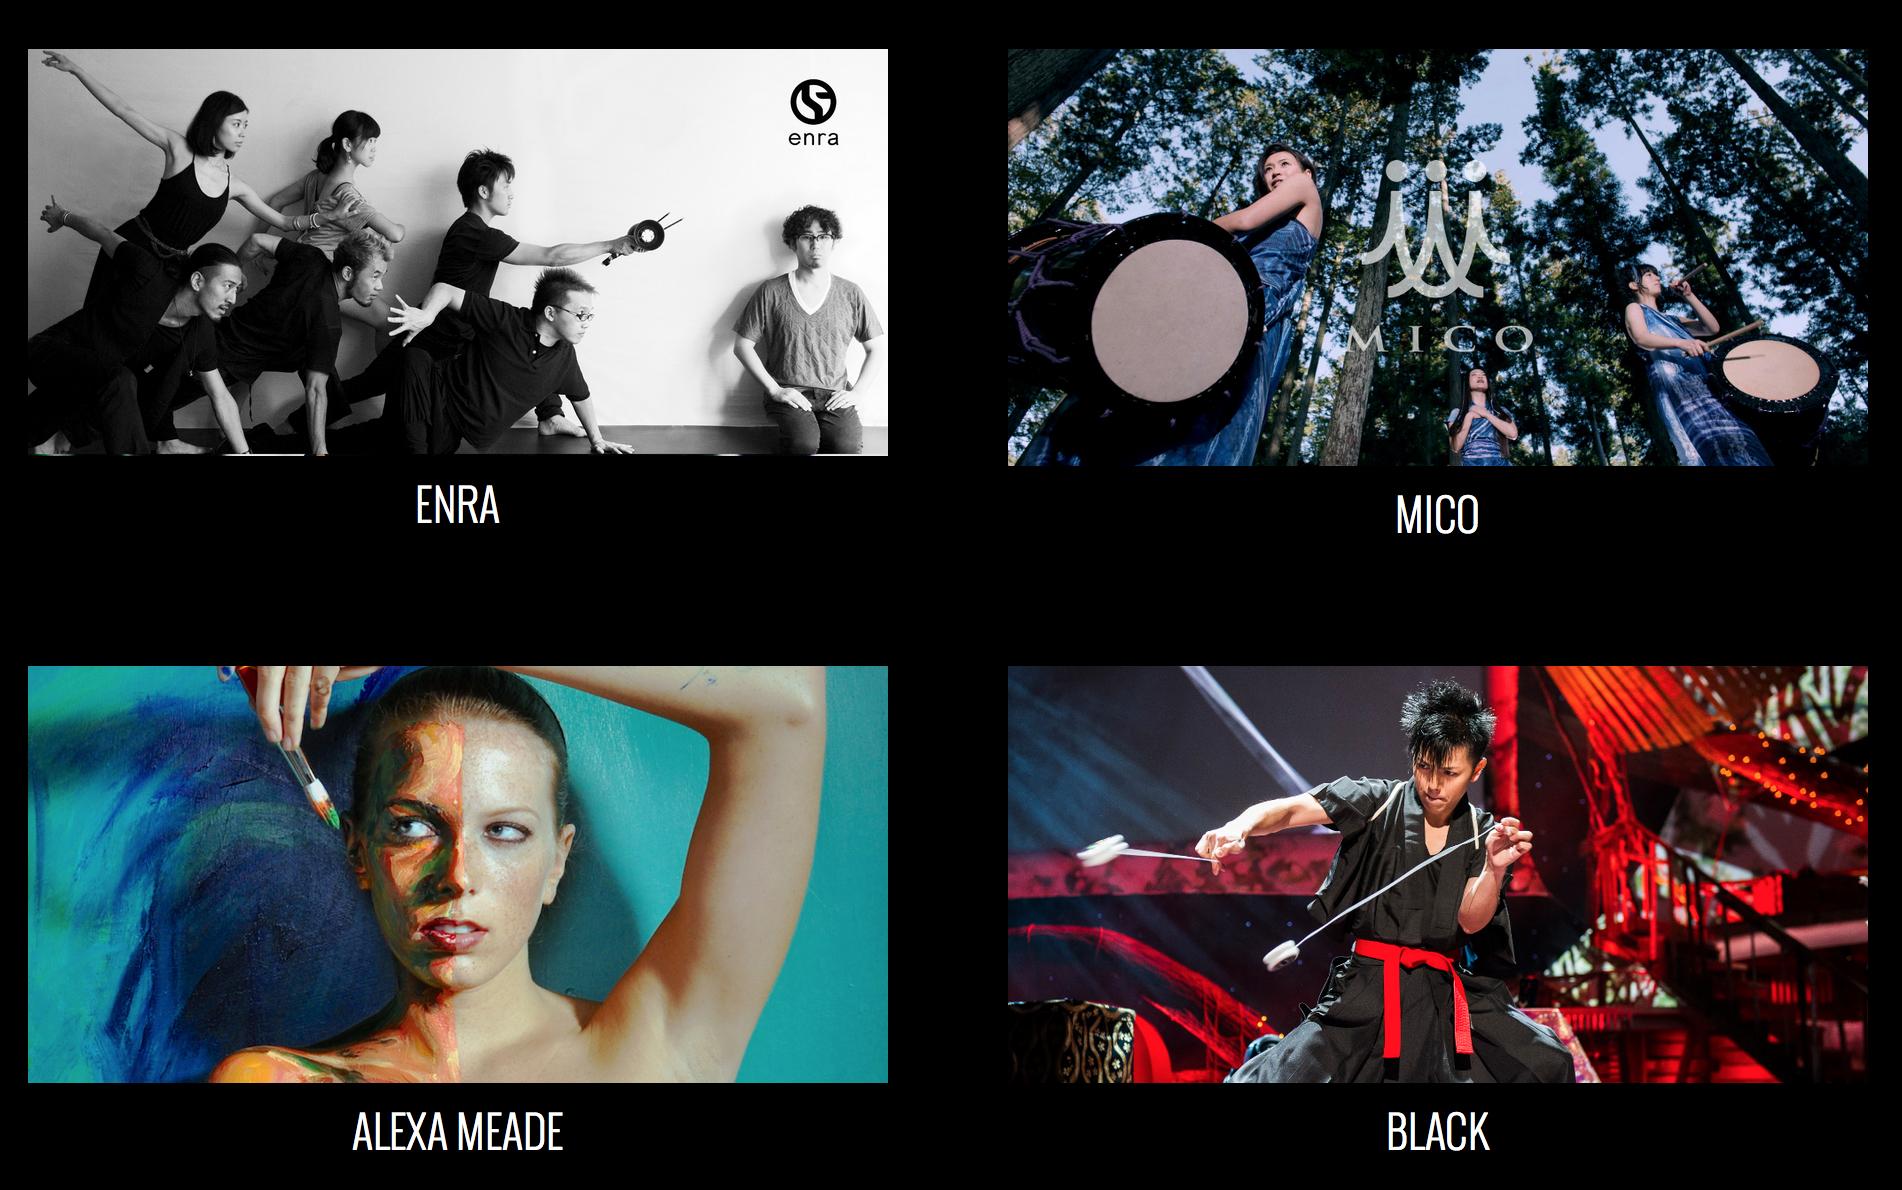 Empire - Empire Entertainment Japan launches Artist Management